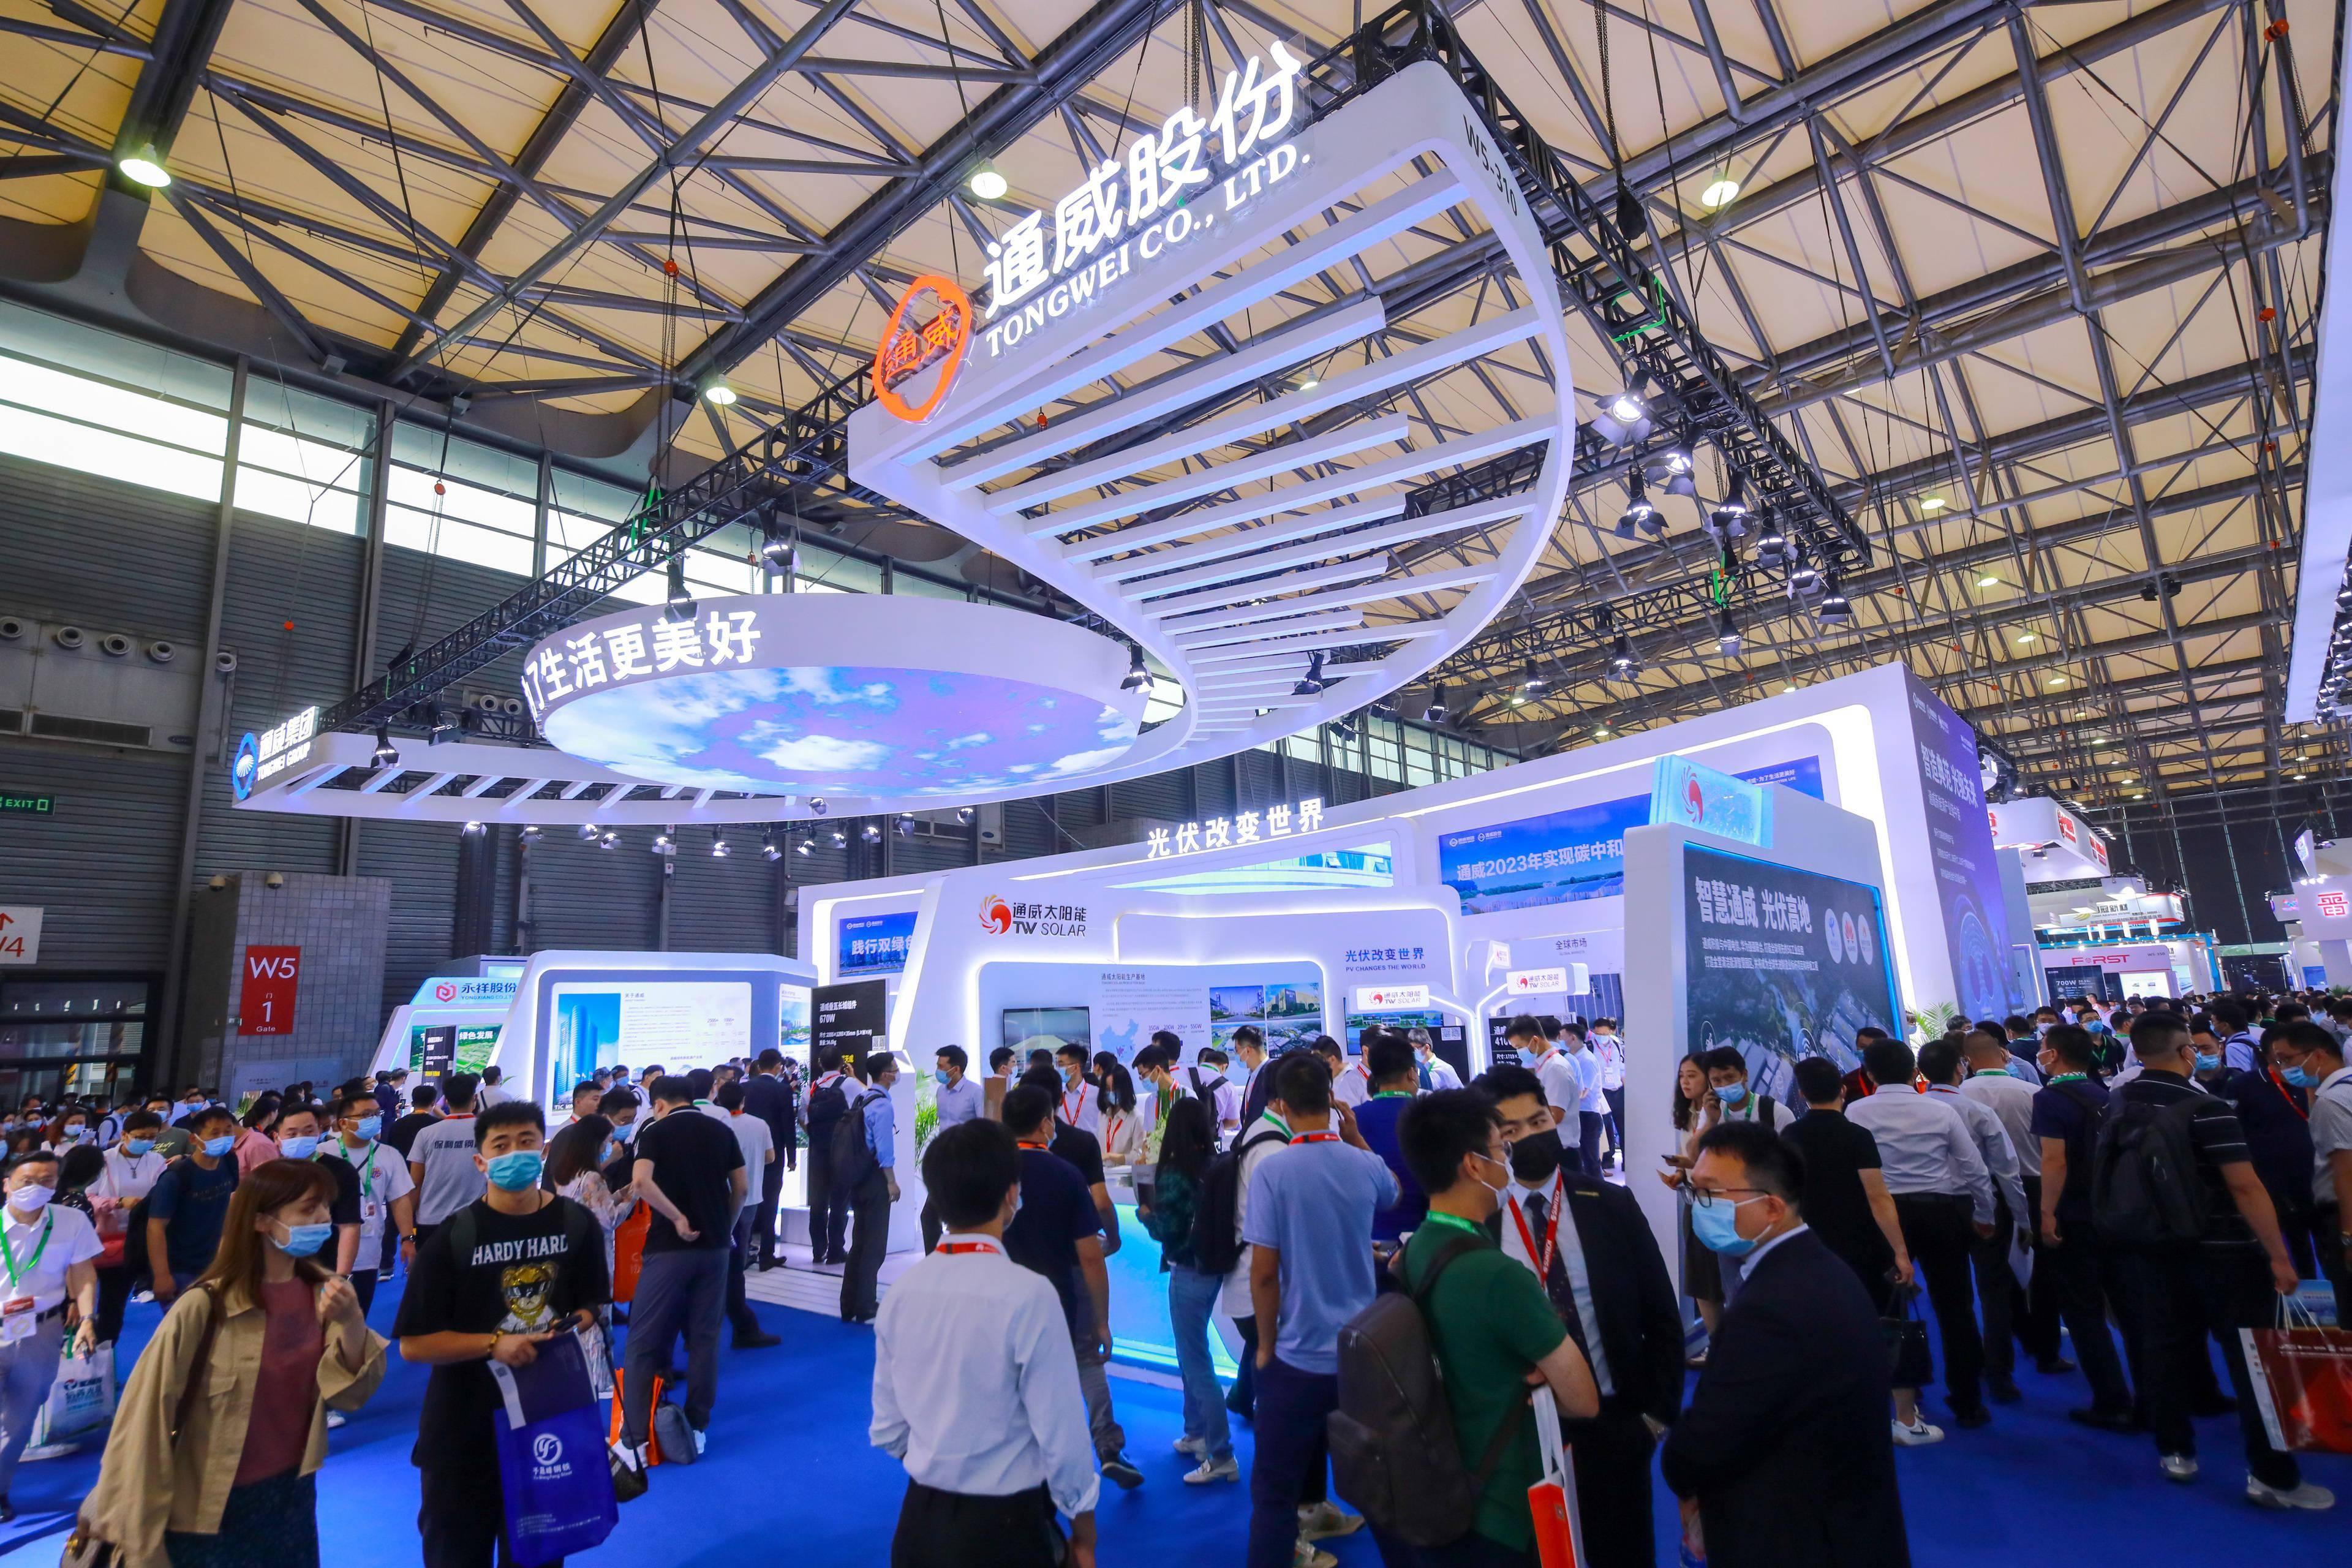 通威集团董事局主席刘汉元:光伏发电将成为再生能源主角